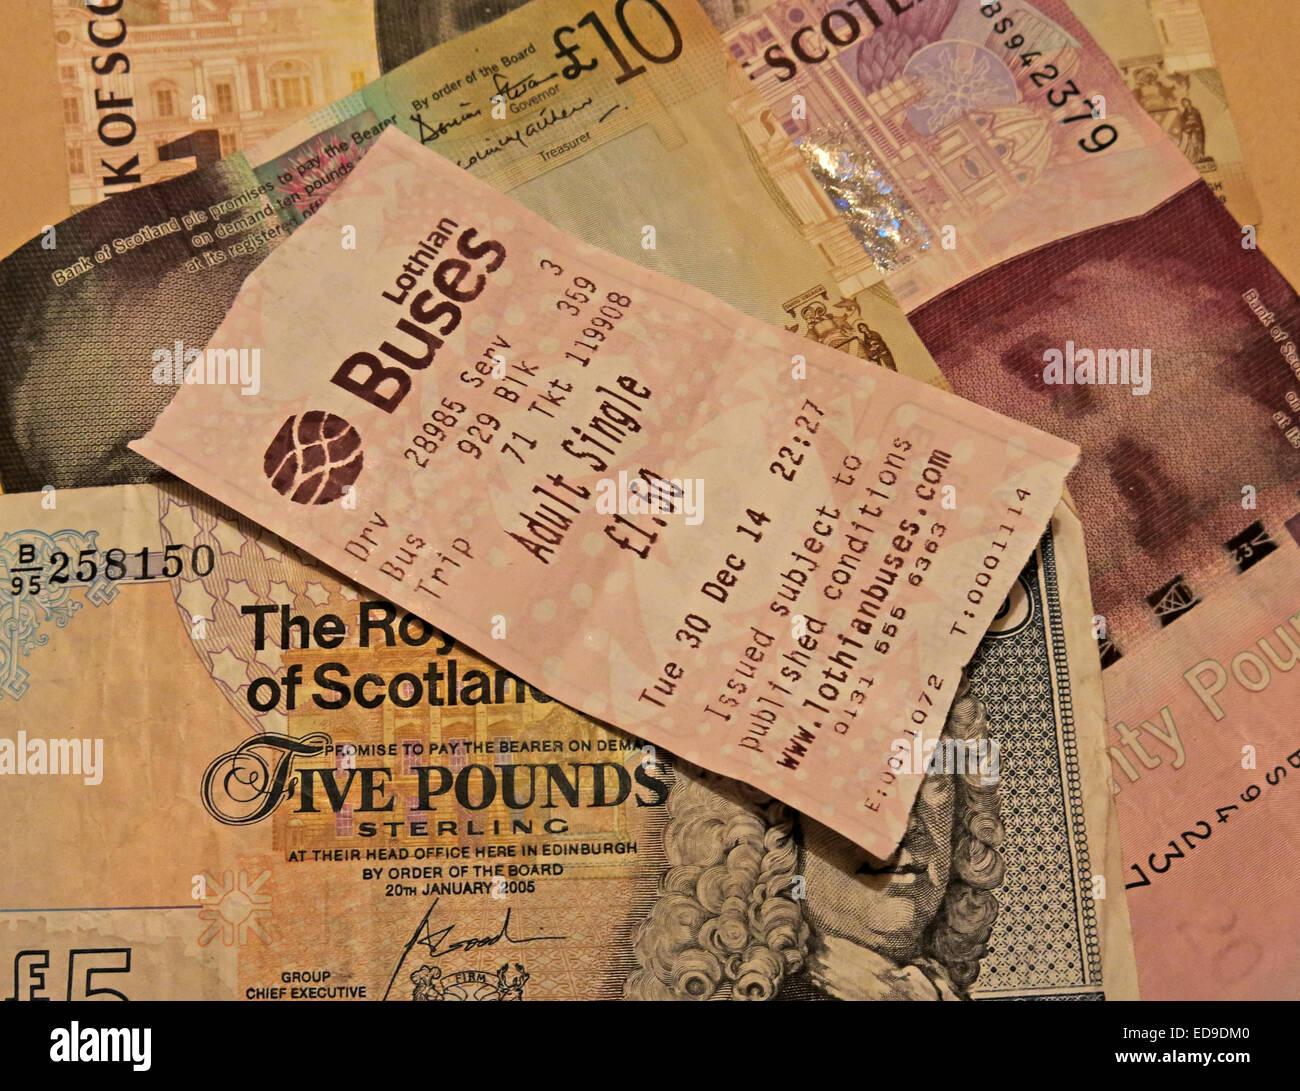 Laden Sie dieses Alamy Stockfoto Lothian Busse Bus Ticket und Schotten Banknoten aus Edinburgh, Scotland, UK seitlich - ED9DM0